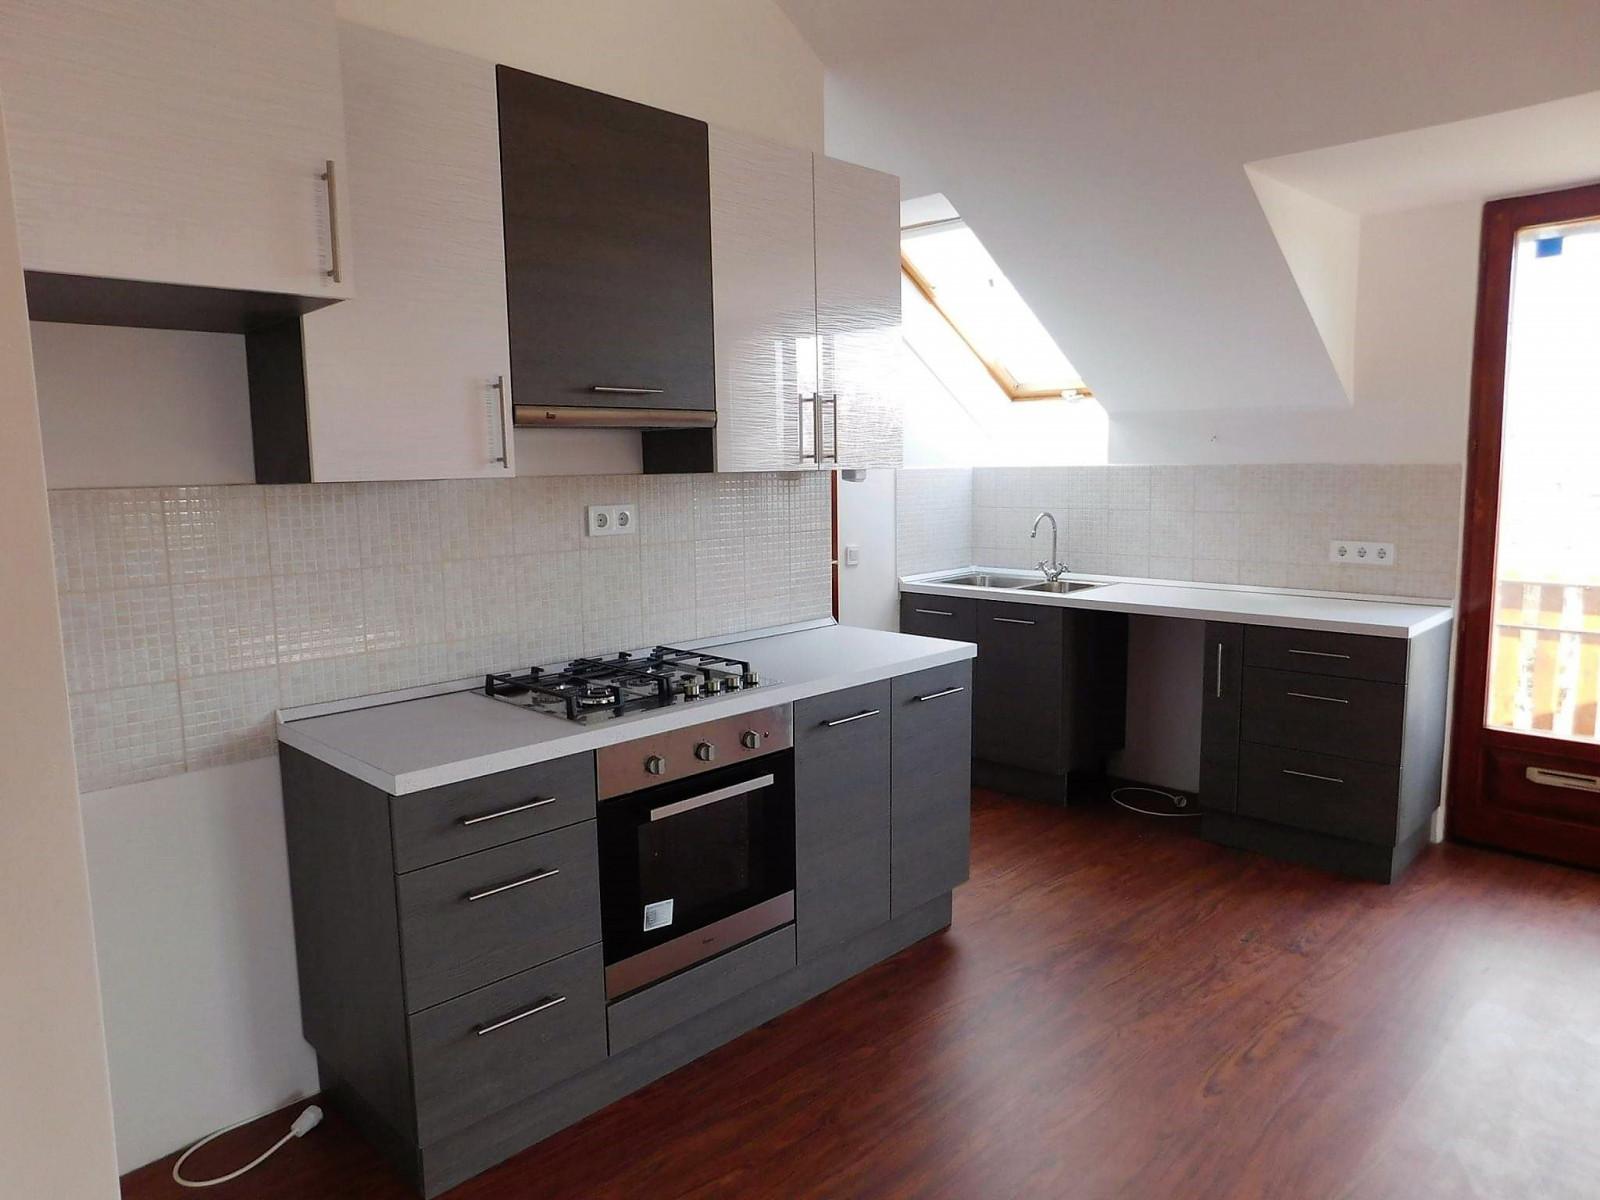 Tetőtéri konyha beépített tűzhellyel